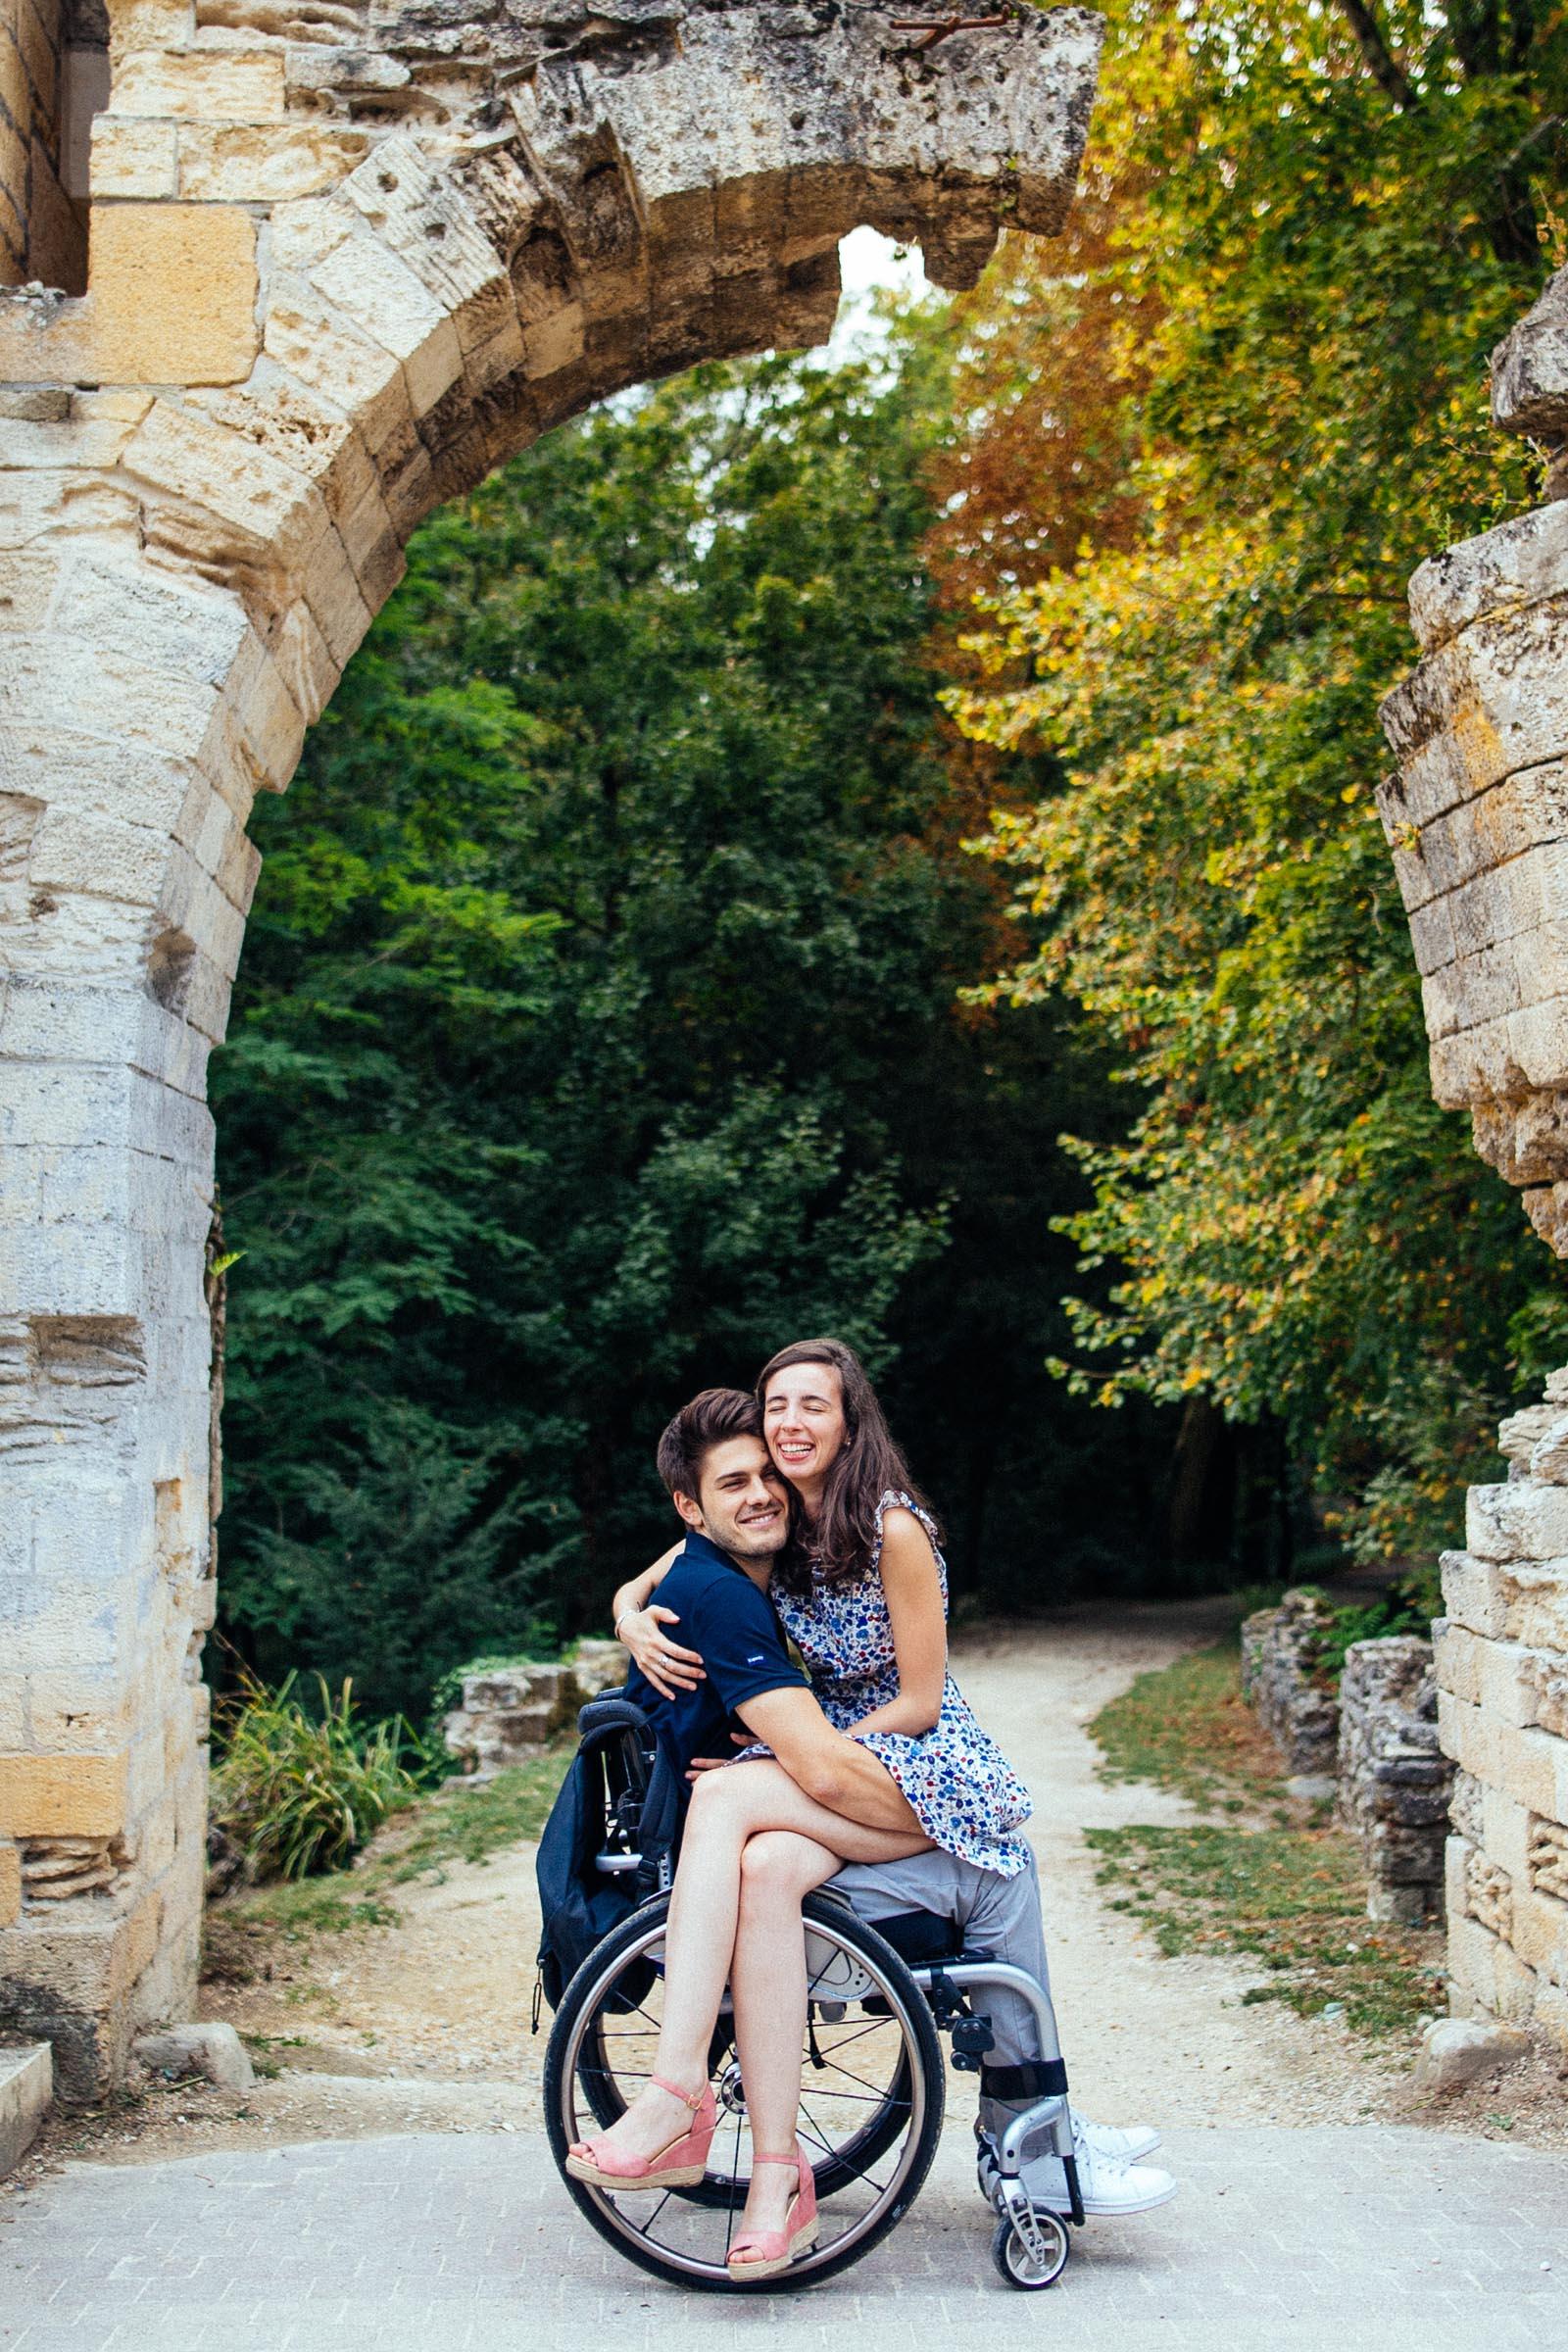 Love_Session_Annabel_Kevin_Adeline_Este_Photographe-38.jpg